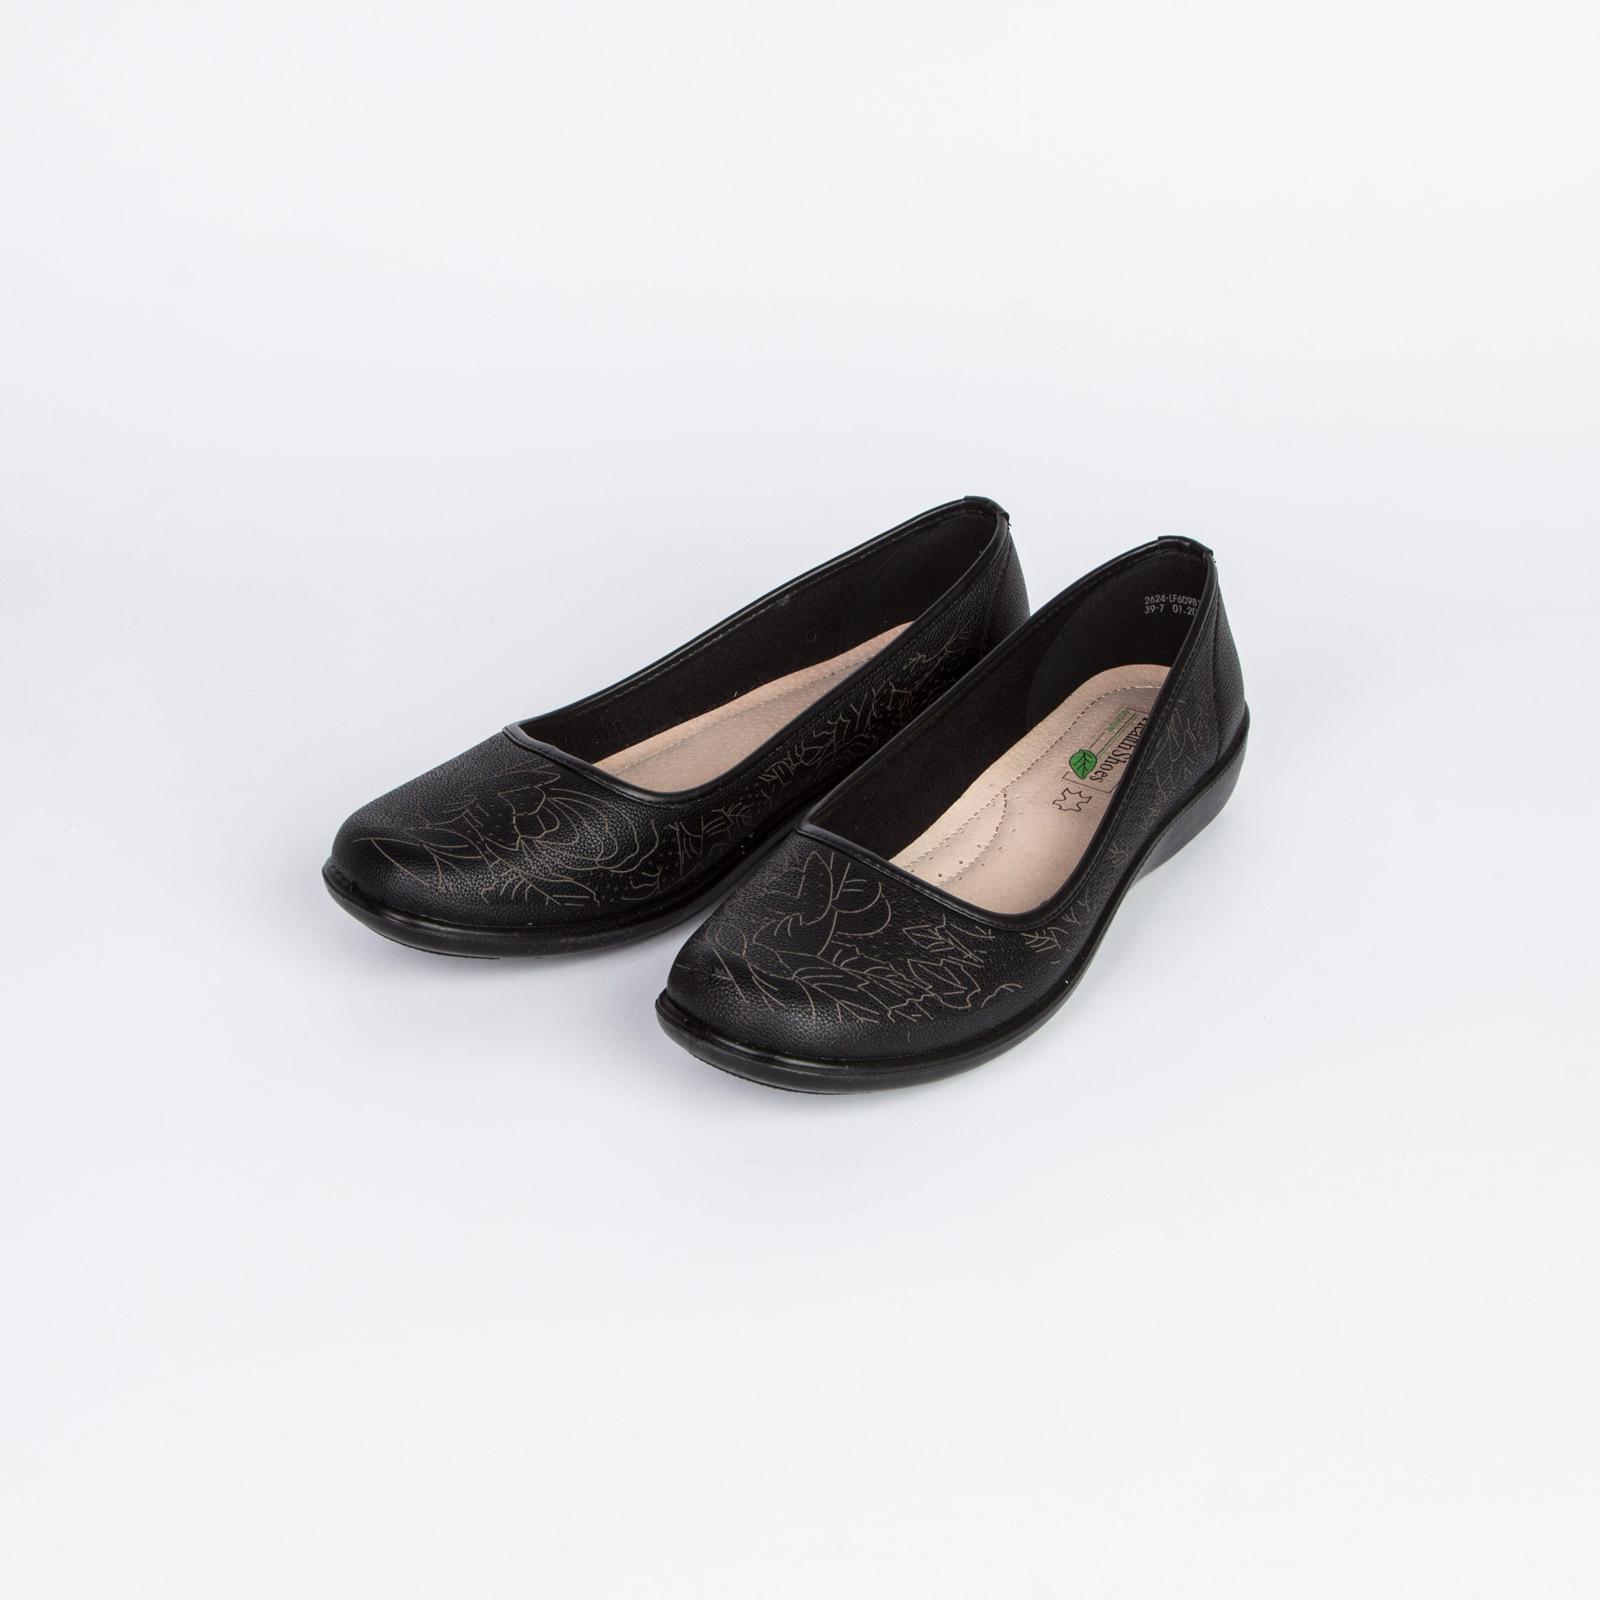 Туфли женские с элегантным узором